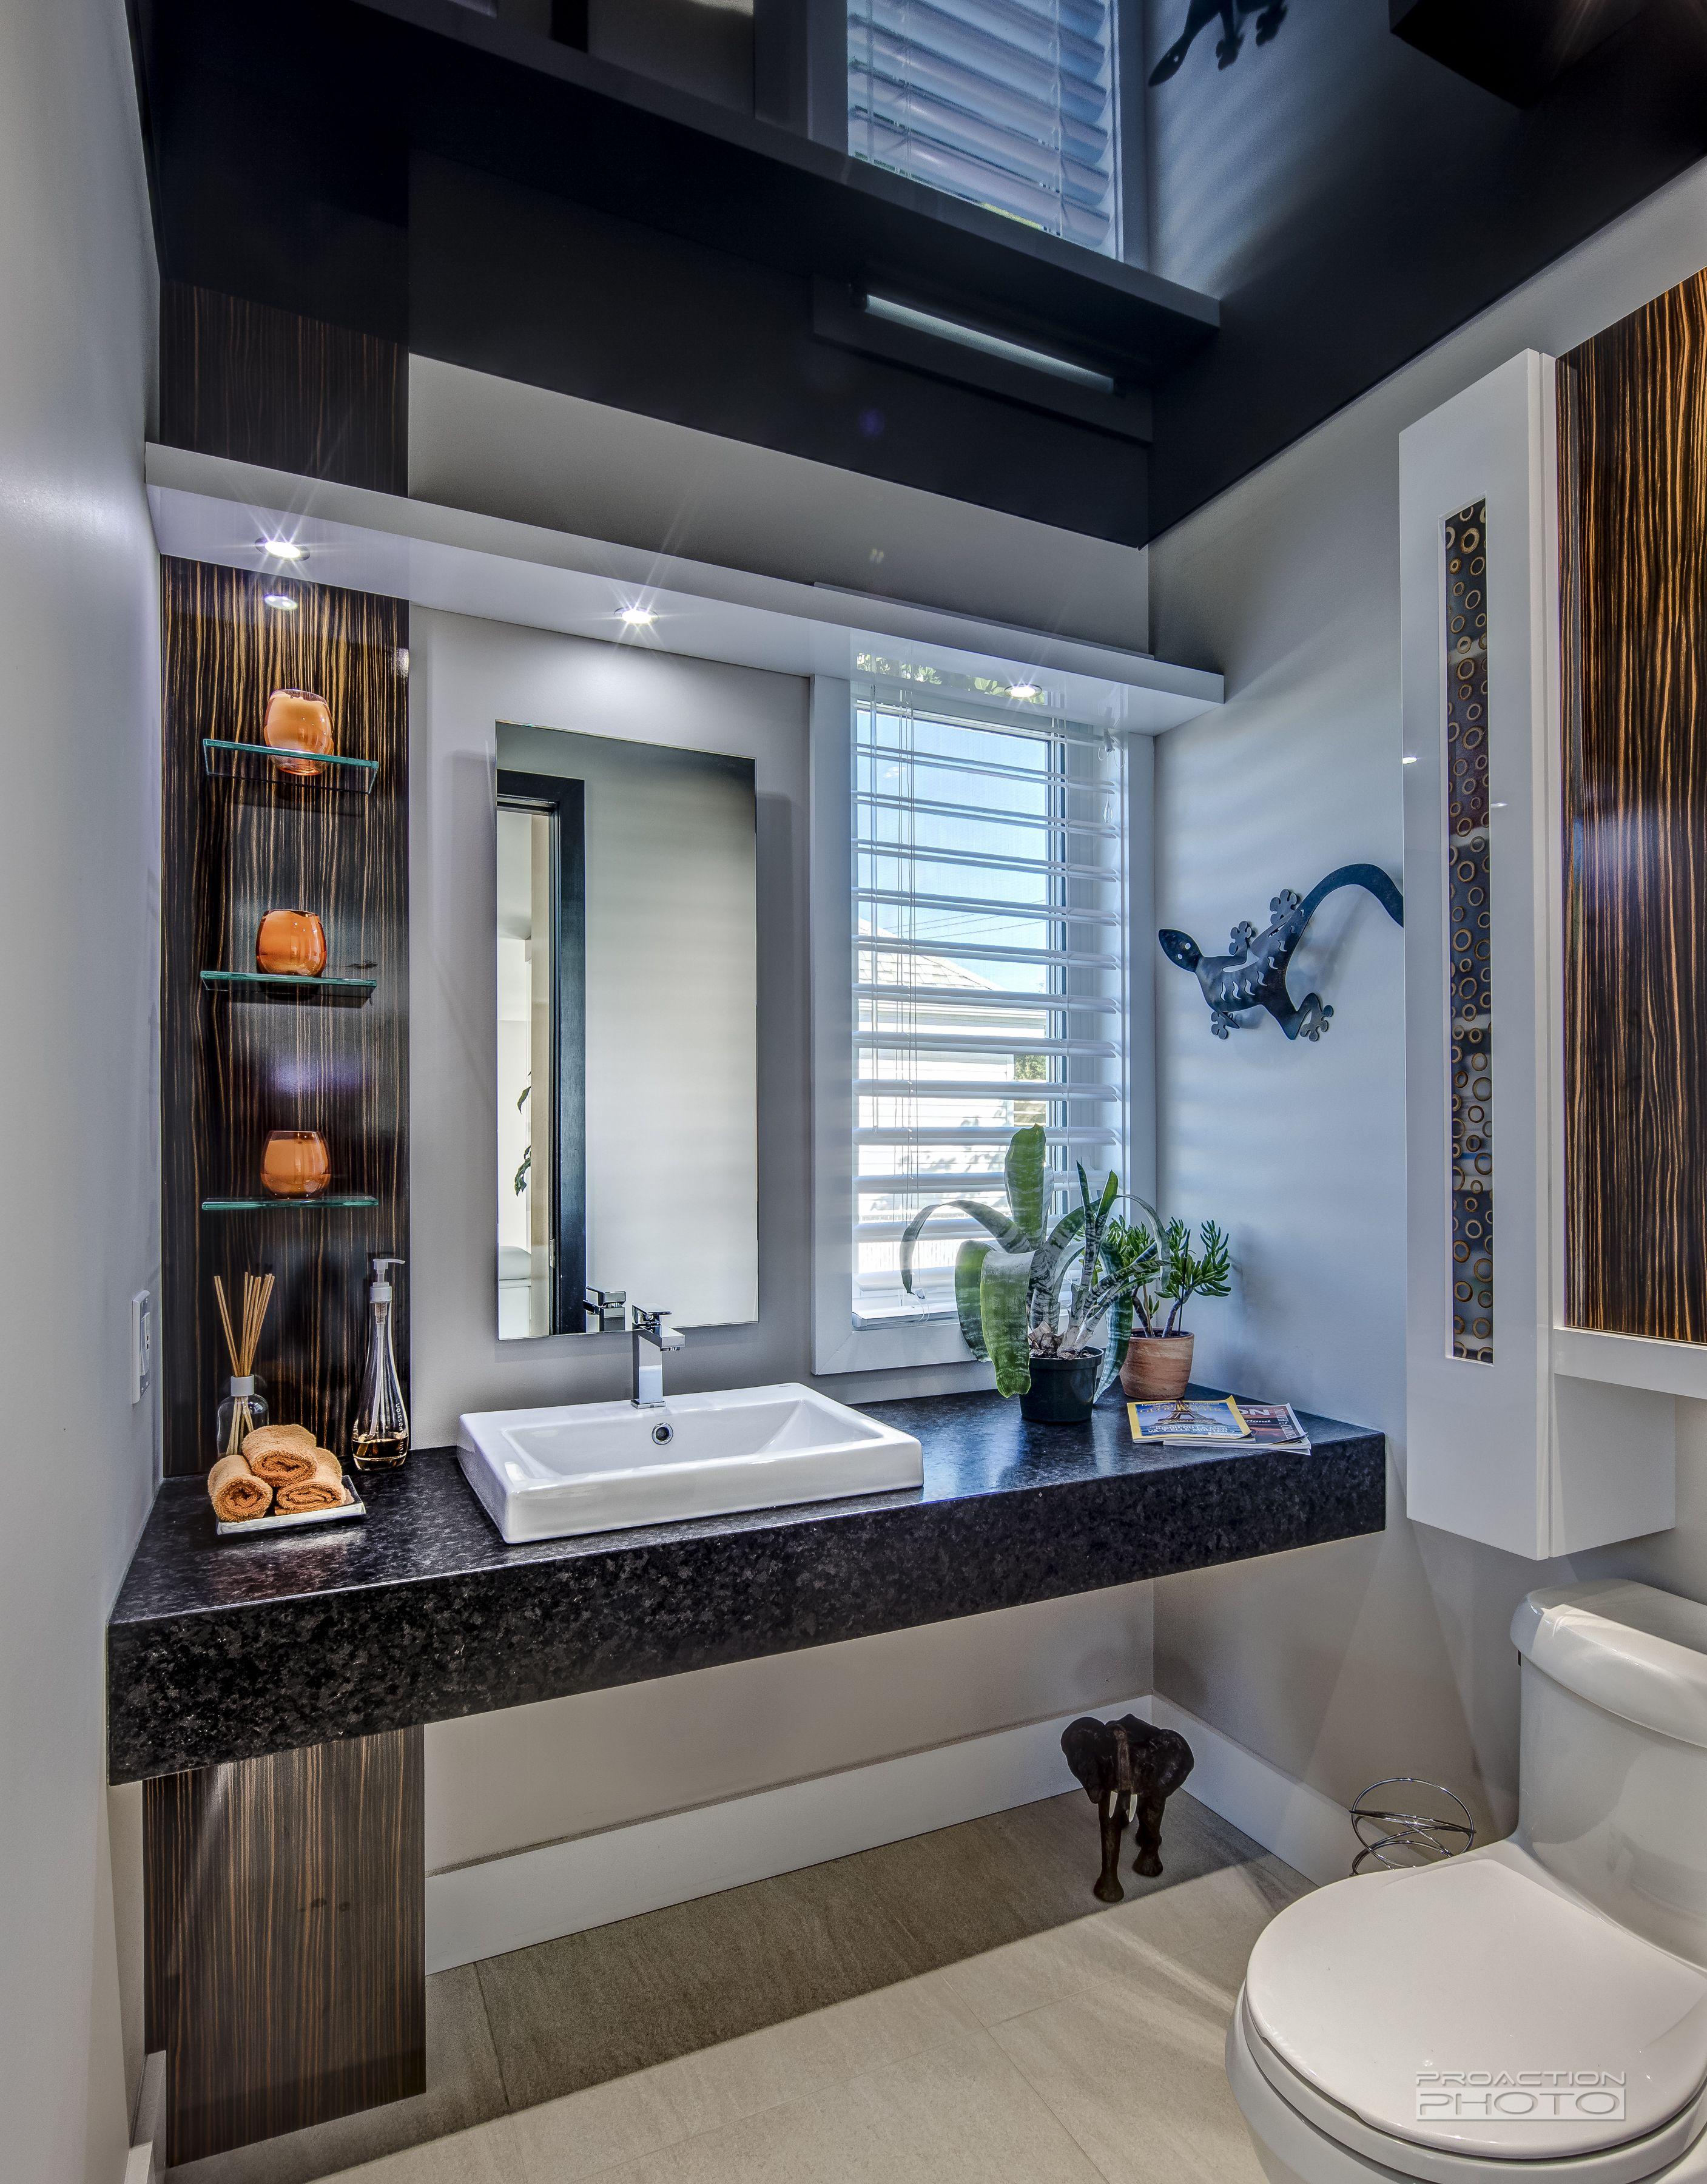 Salle De Bain Antibes Épinglé par sanfacon design sur salles de bain